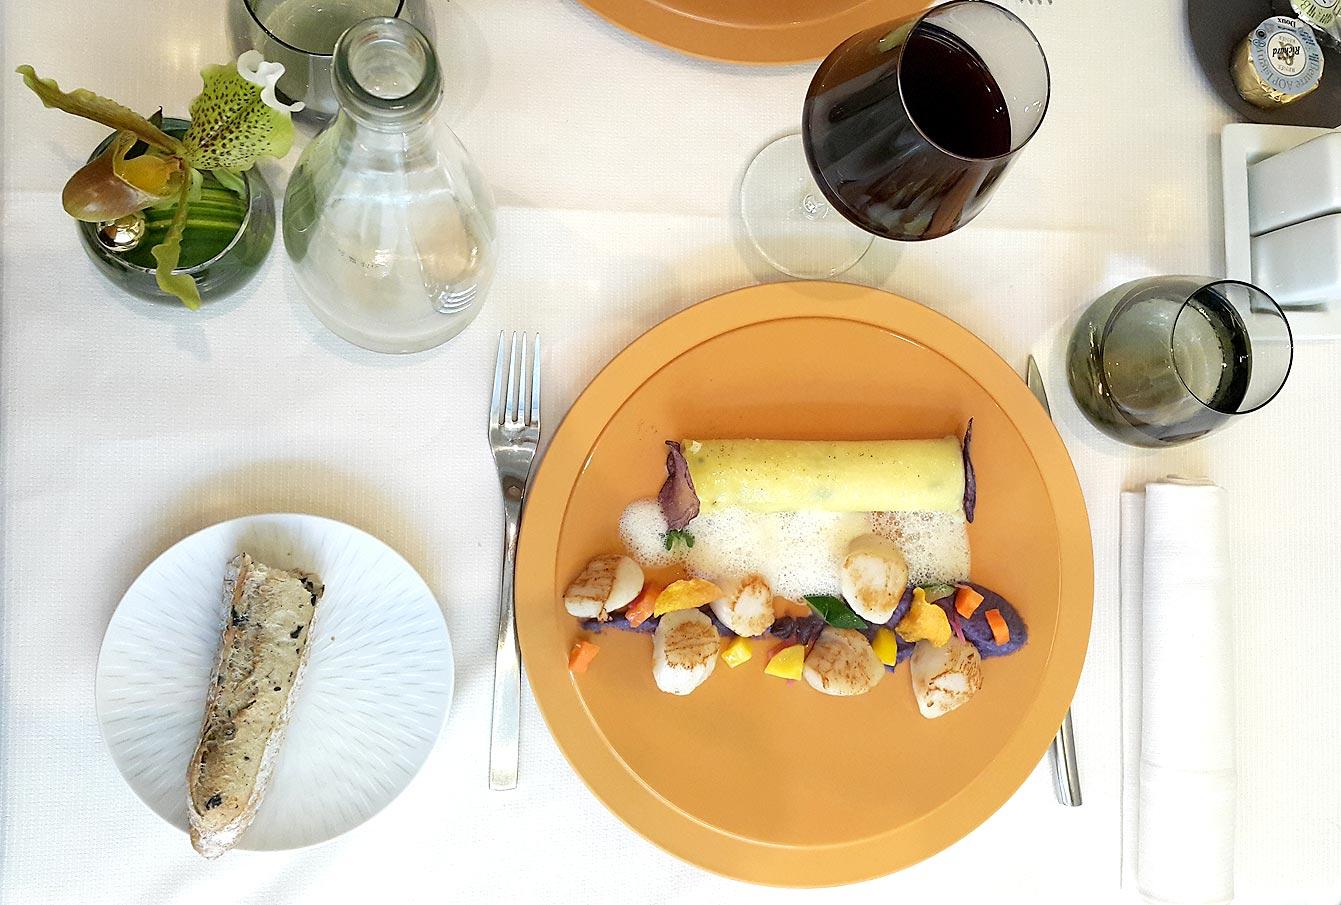 dejeuner-edouard-7-04